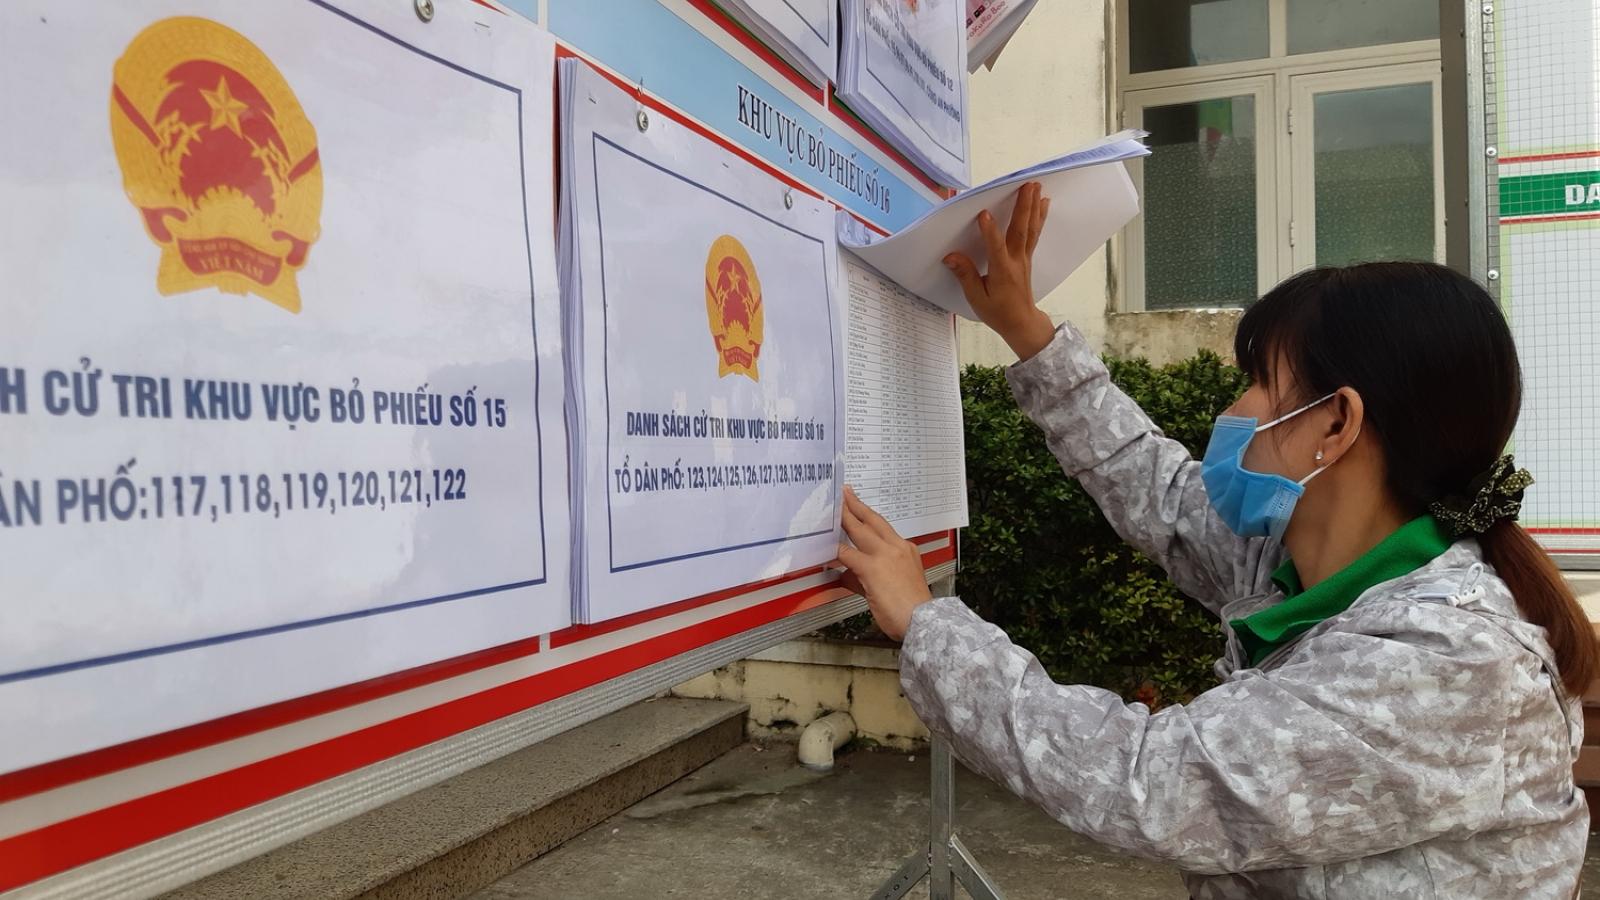 Đà Nẵng tập trung xử lý vấn đề bức xúc, đẩy mạnh tuyên truyền bầu cử